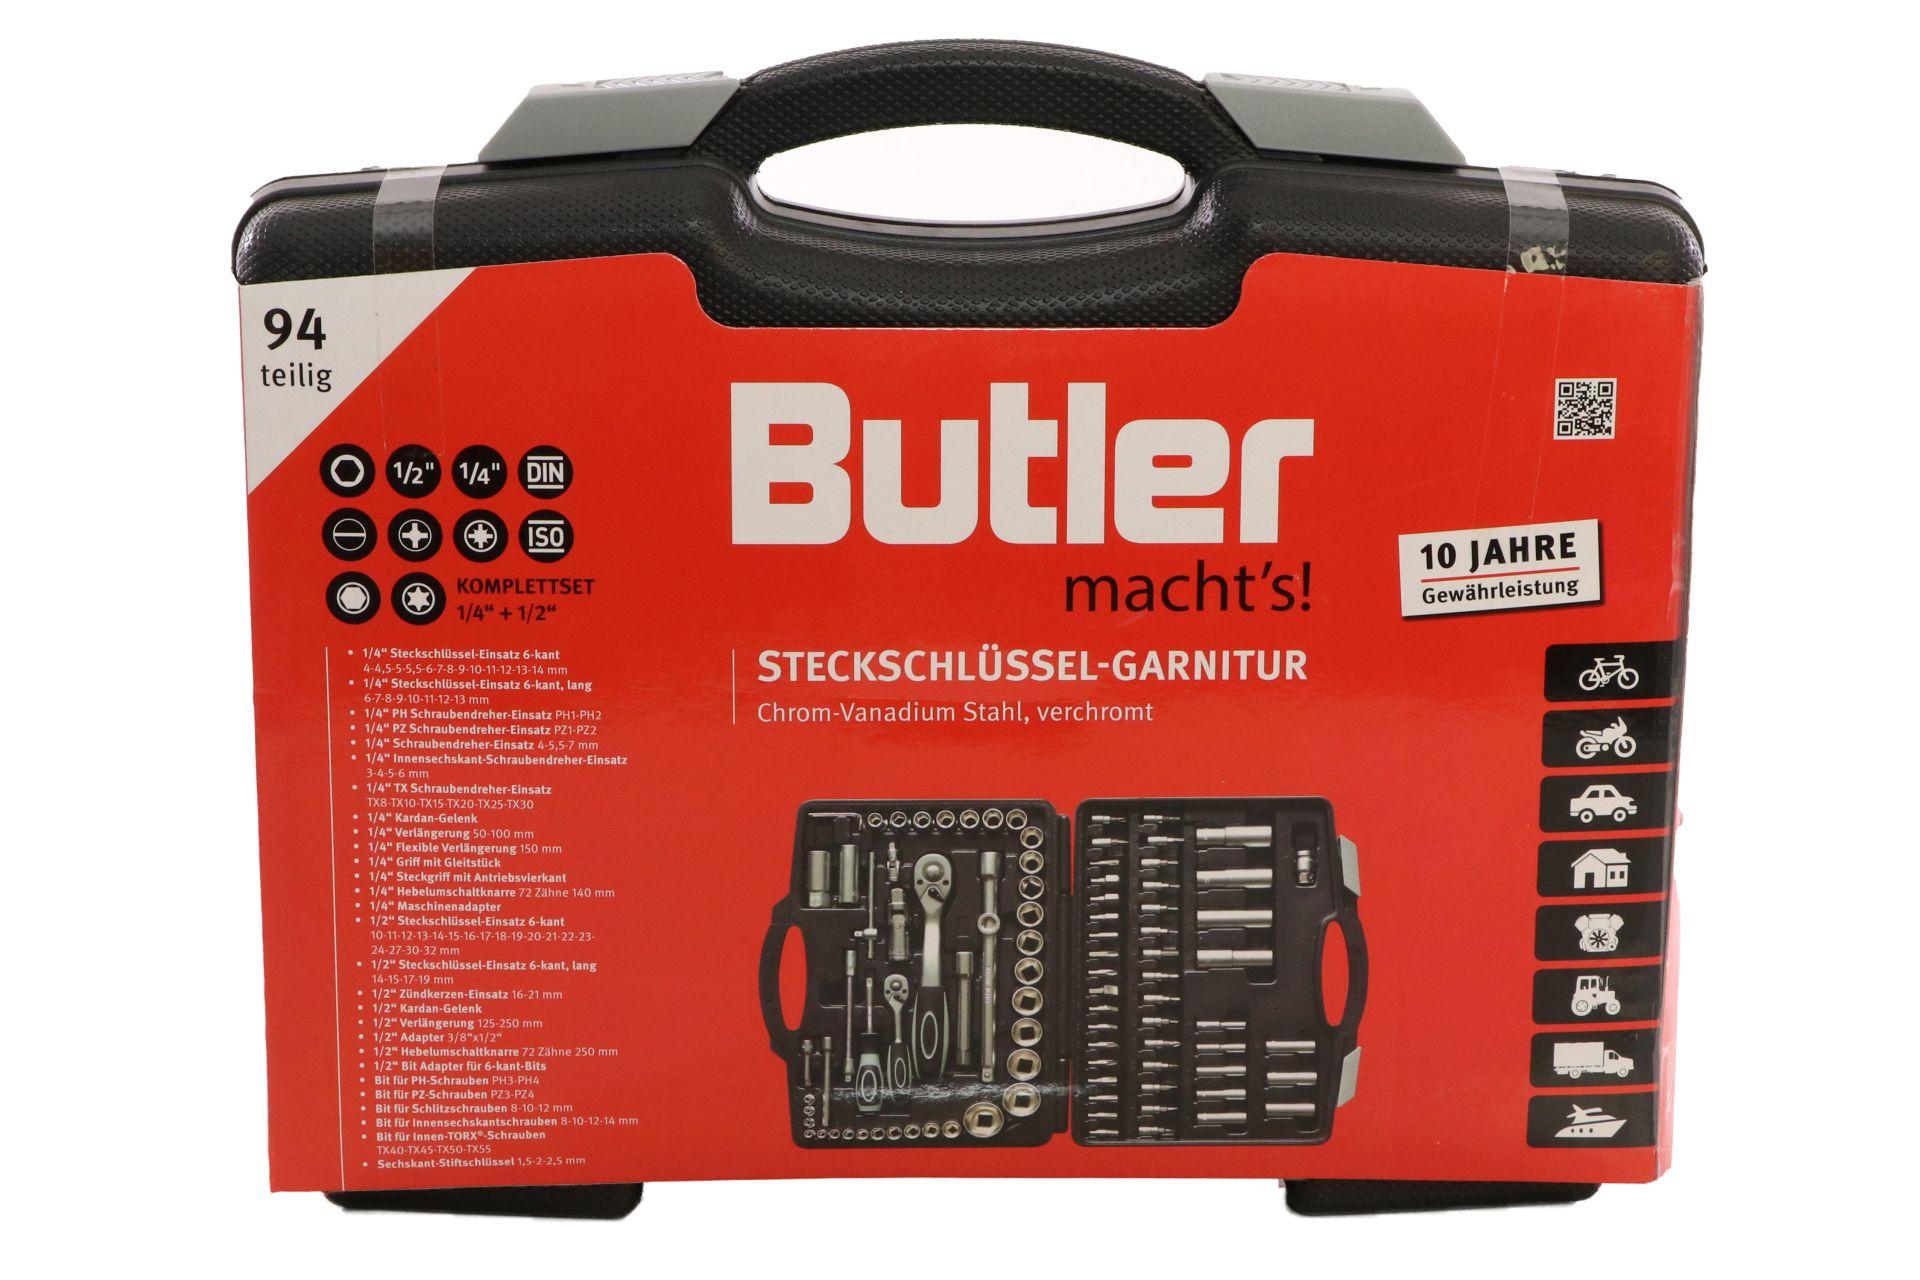 Butler macht's! Steckschlüssel-Garnitur, 94-teilig